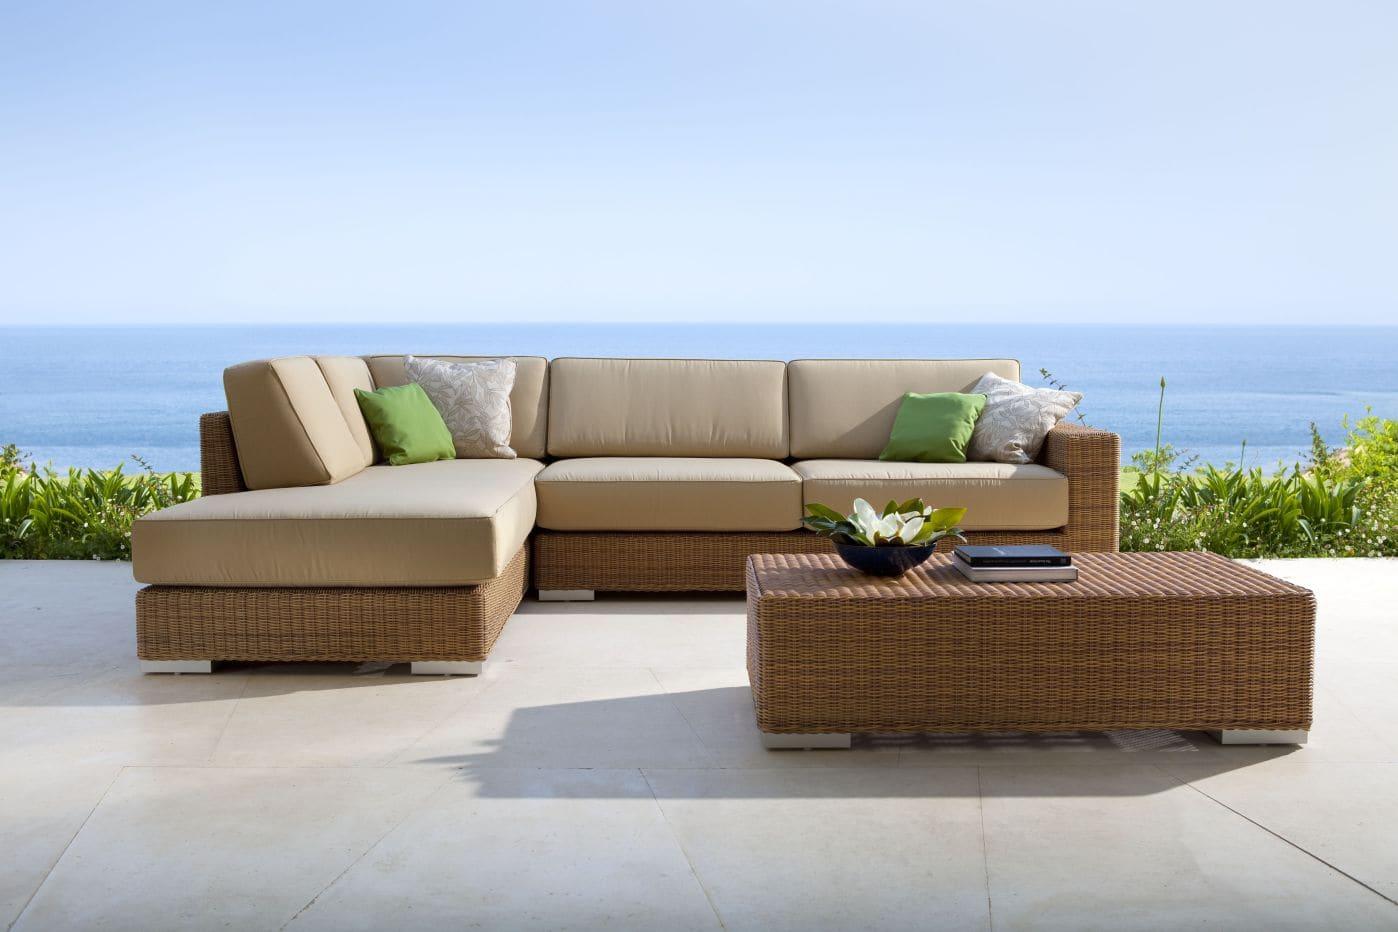 Todas las ideas para amueblar jardines y terrazas point for Muebles de jardin exterior